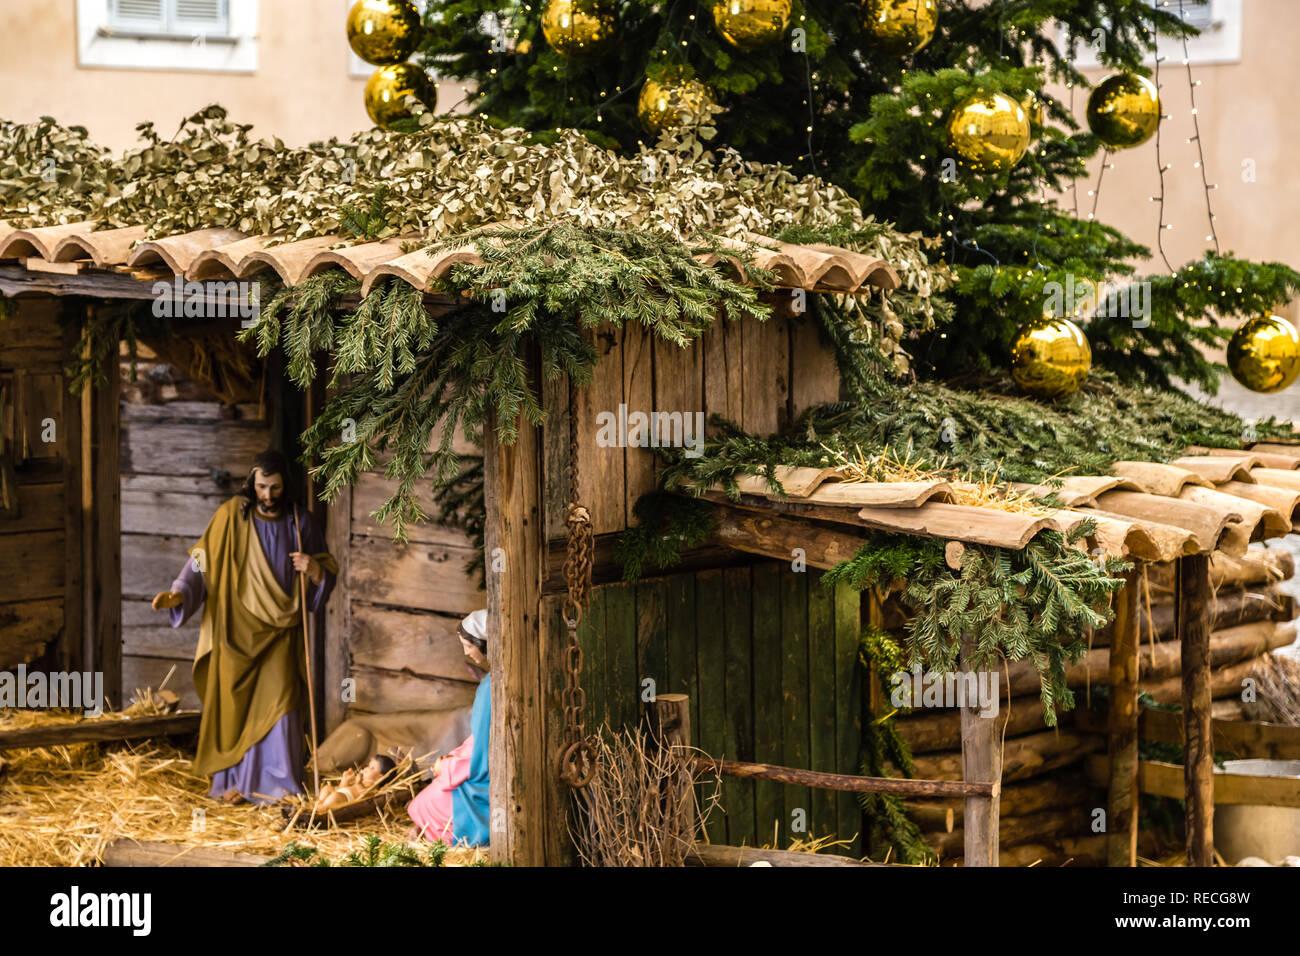 Christmas In Italy 2019.Castel Gandolfo Rome Italy January 3 2019 Light Is